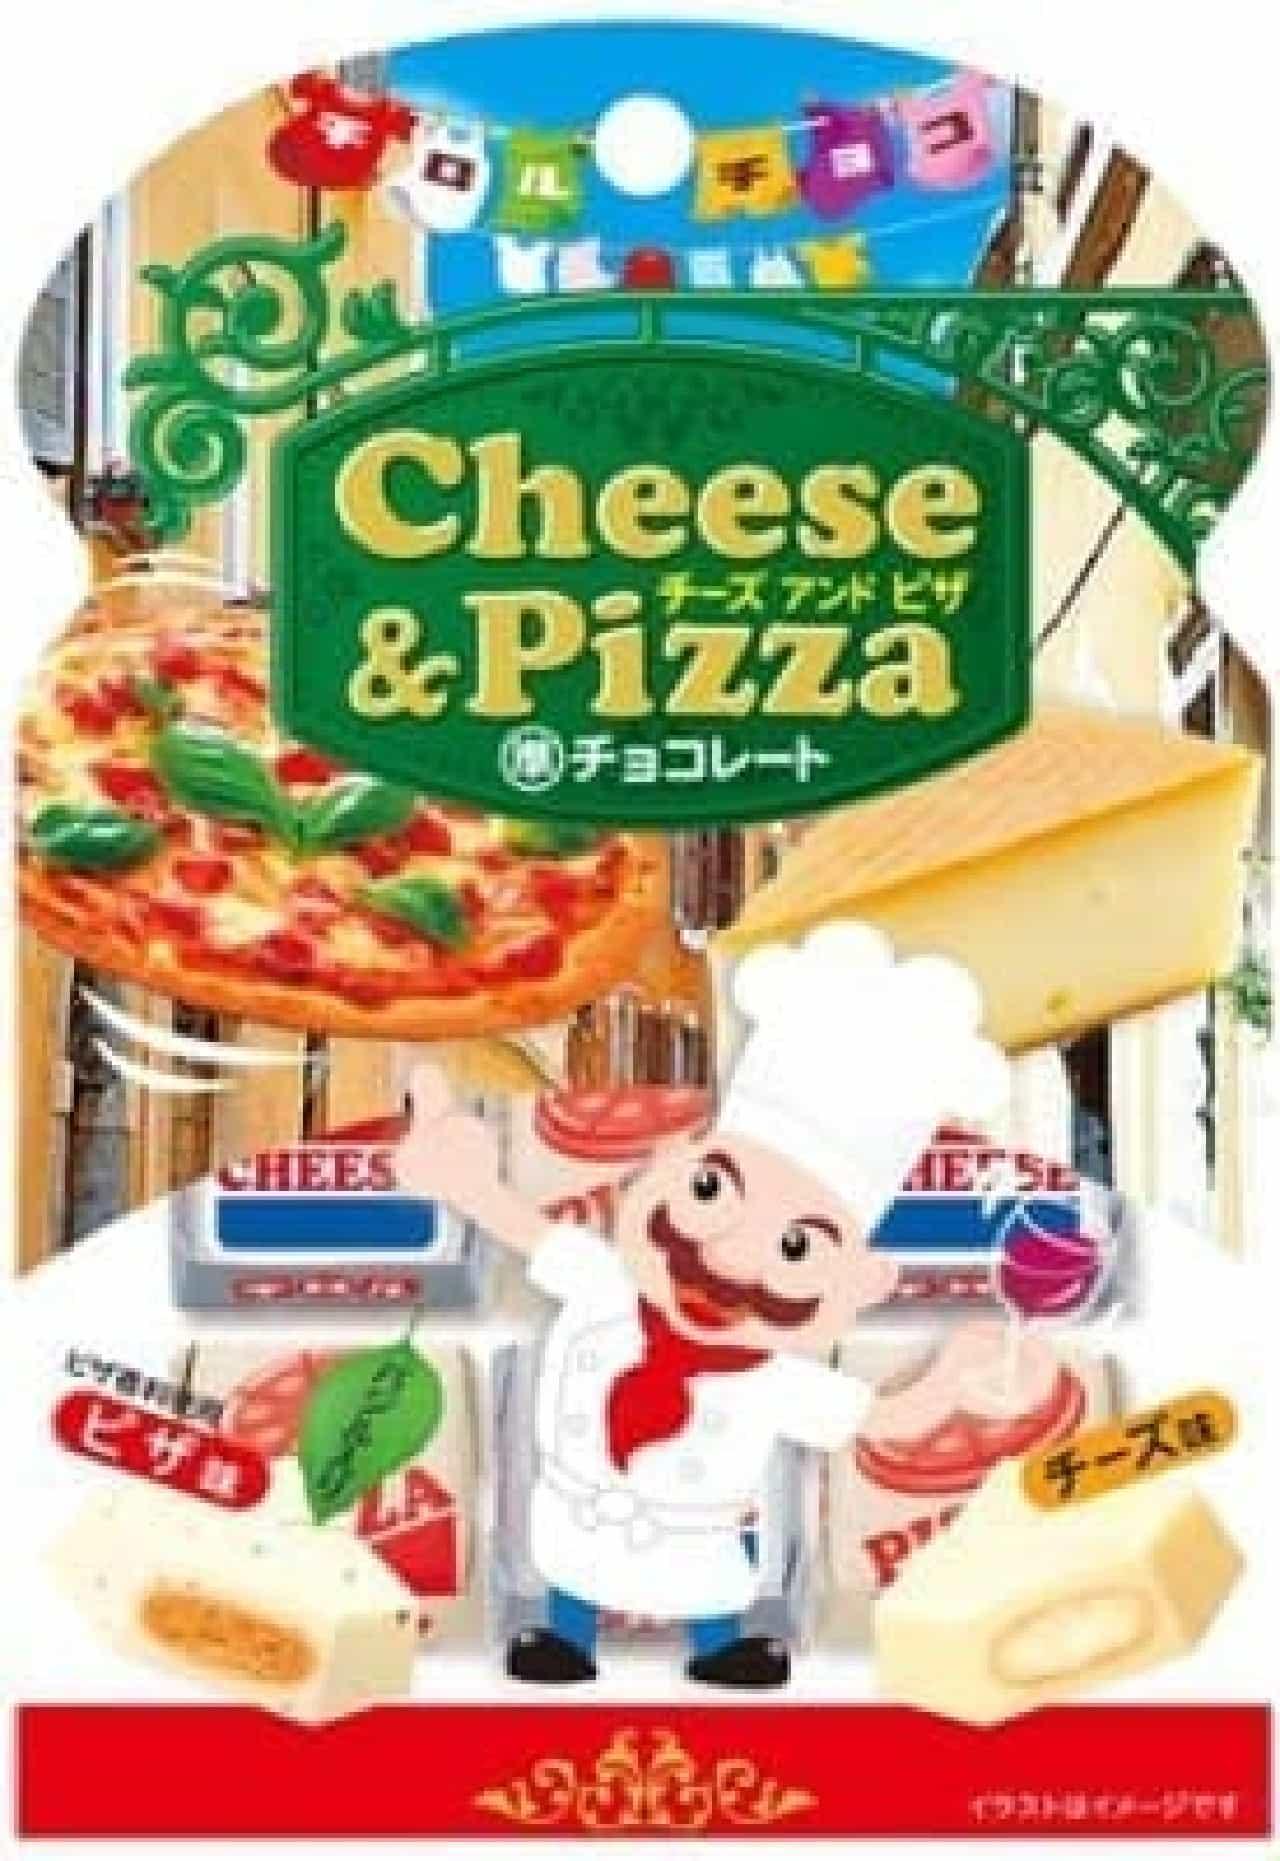 「チーズ」がいけるなら「ピザ」もアリ…?